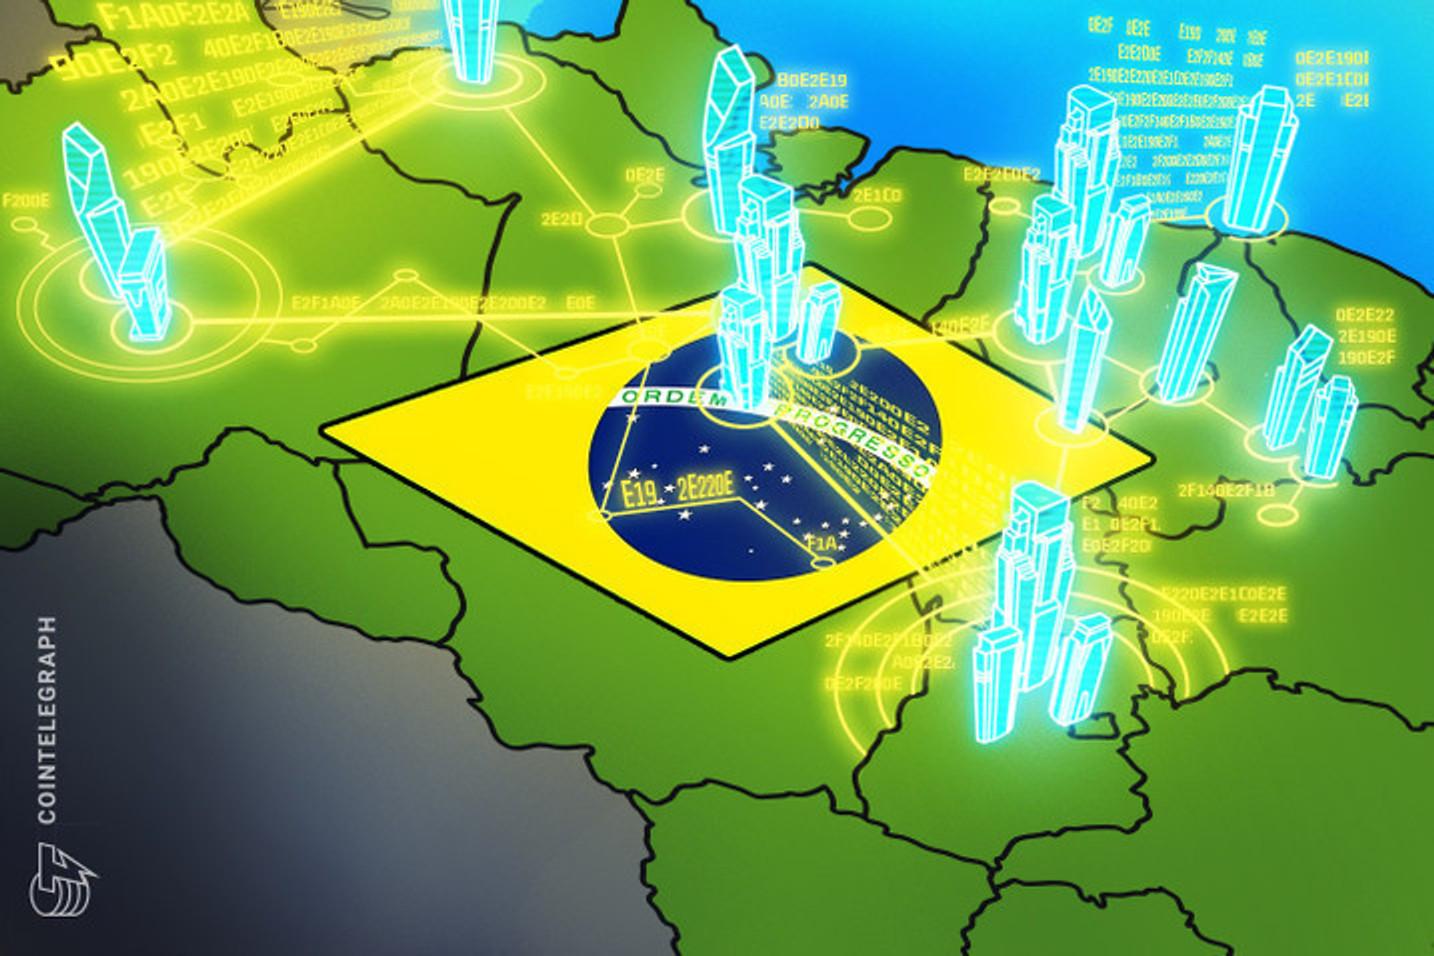 Brasil tem 7 das 10 startups mais valiosas da América Latina e fintechs de criptomoedas invadem o Top 10